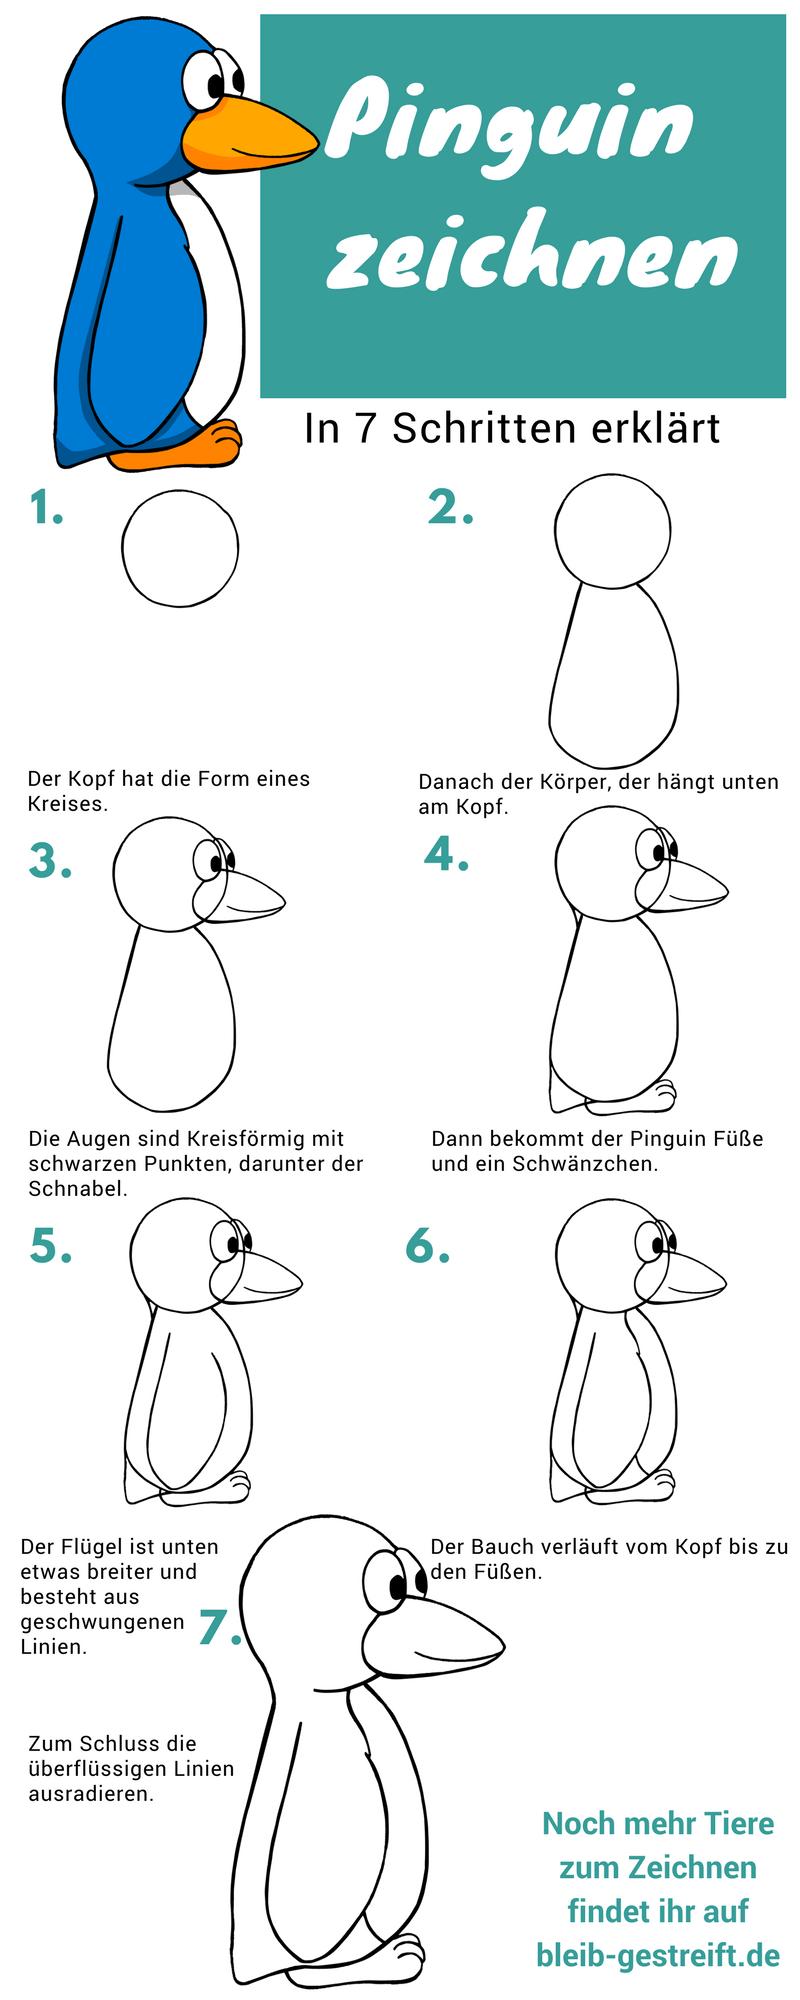 Pinguin zeichnen lernen | Pinguin zeichnen, Pinguin malen ...